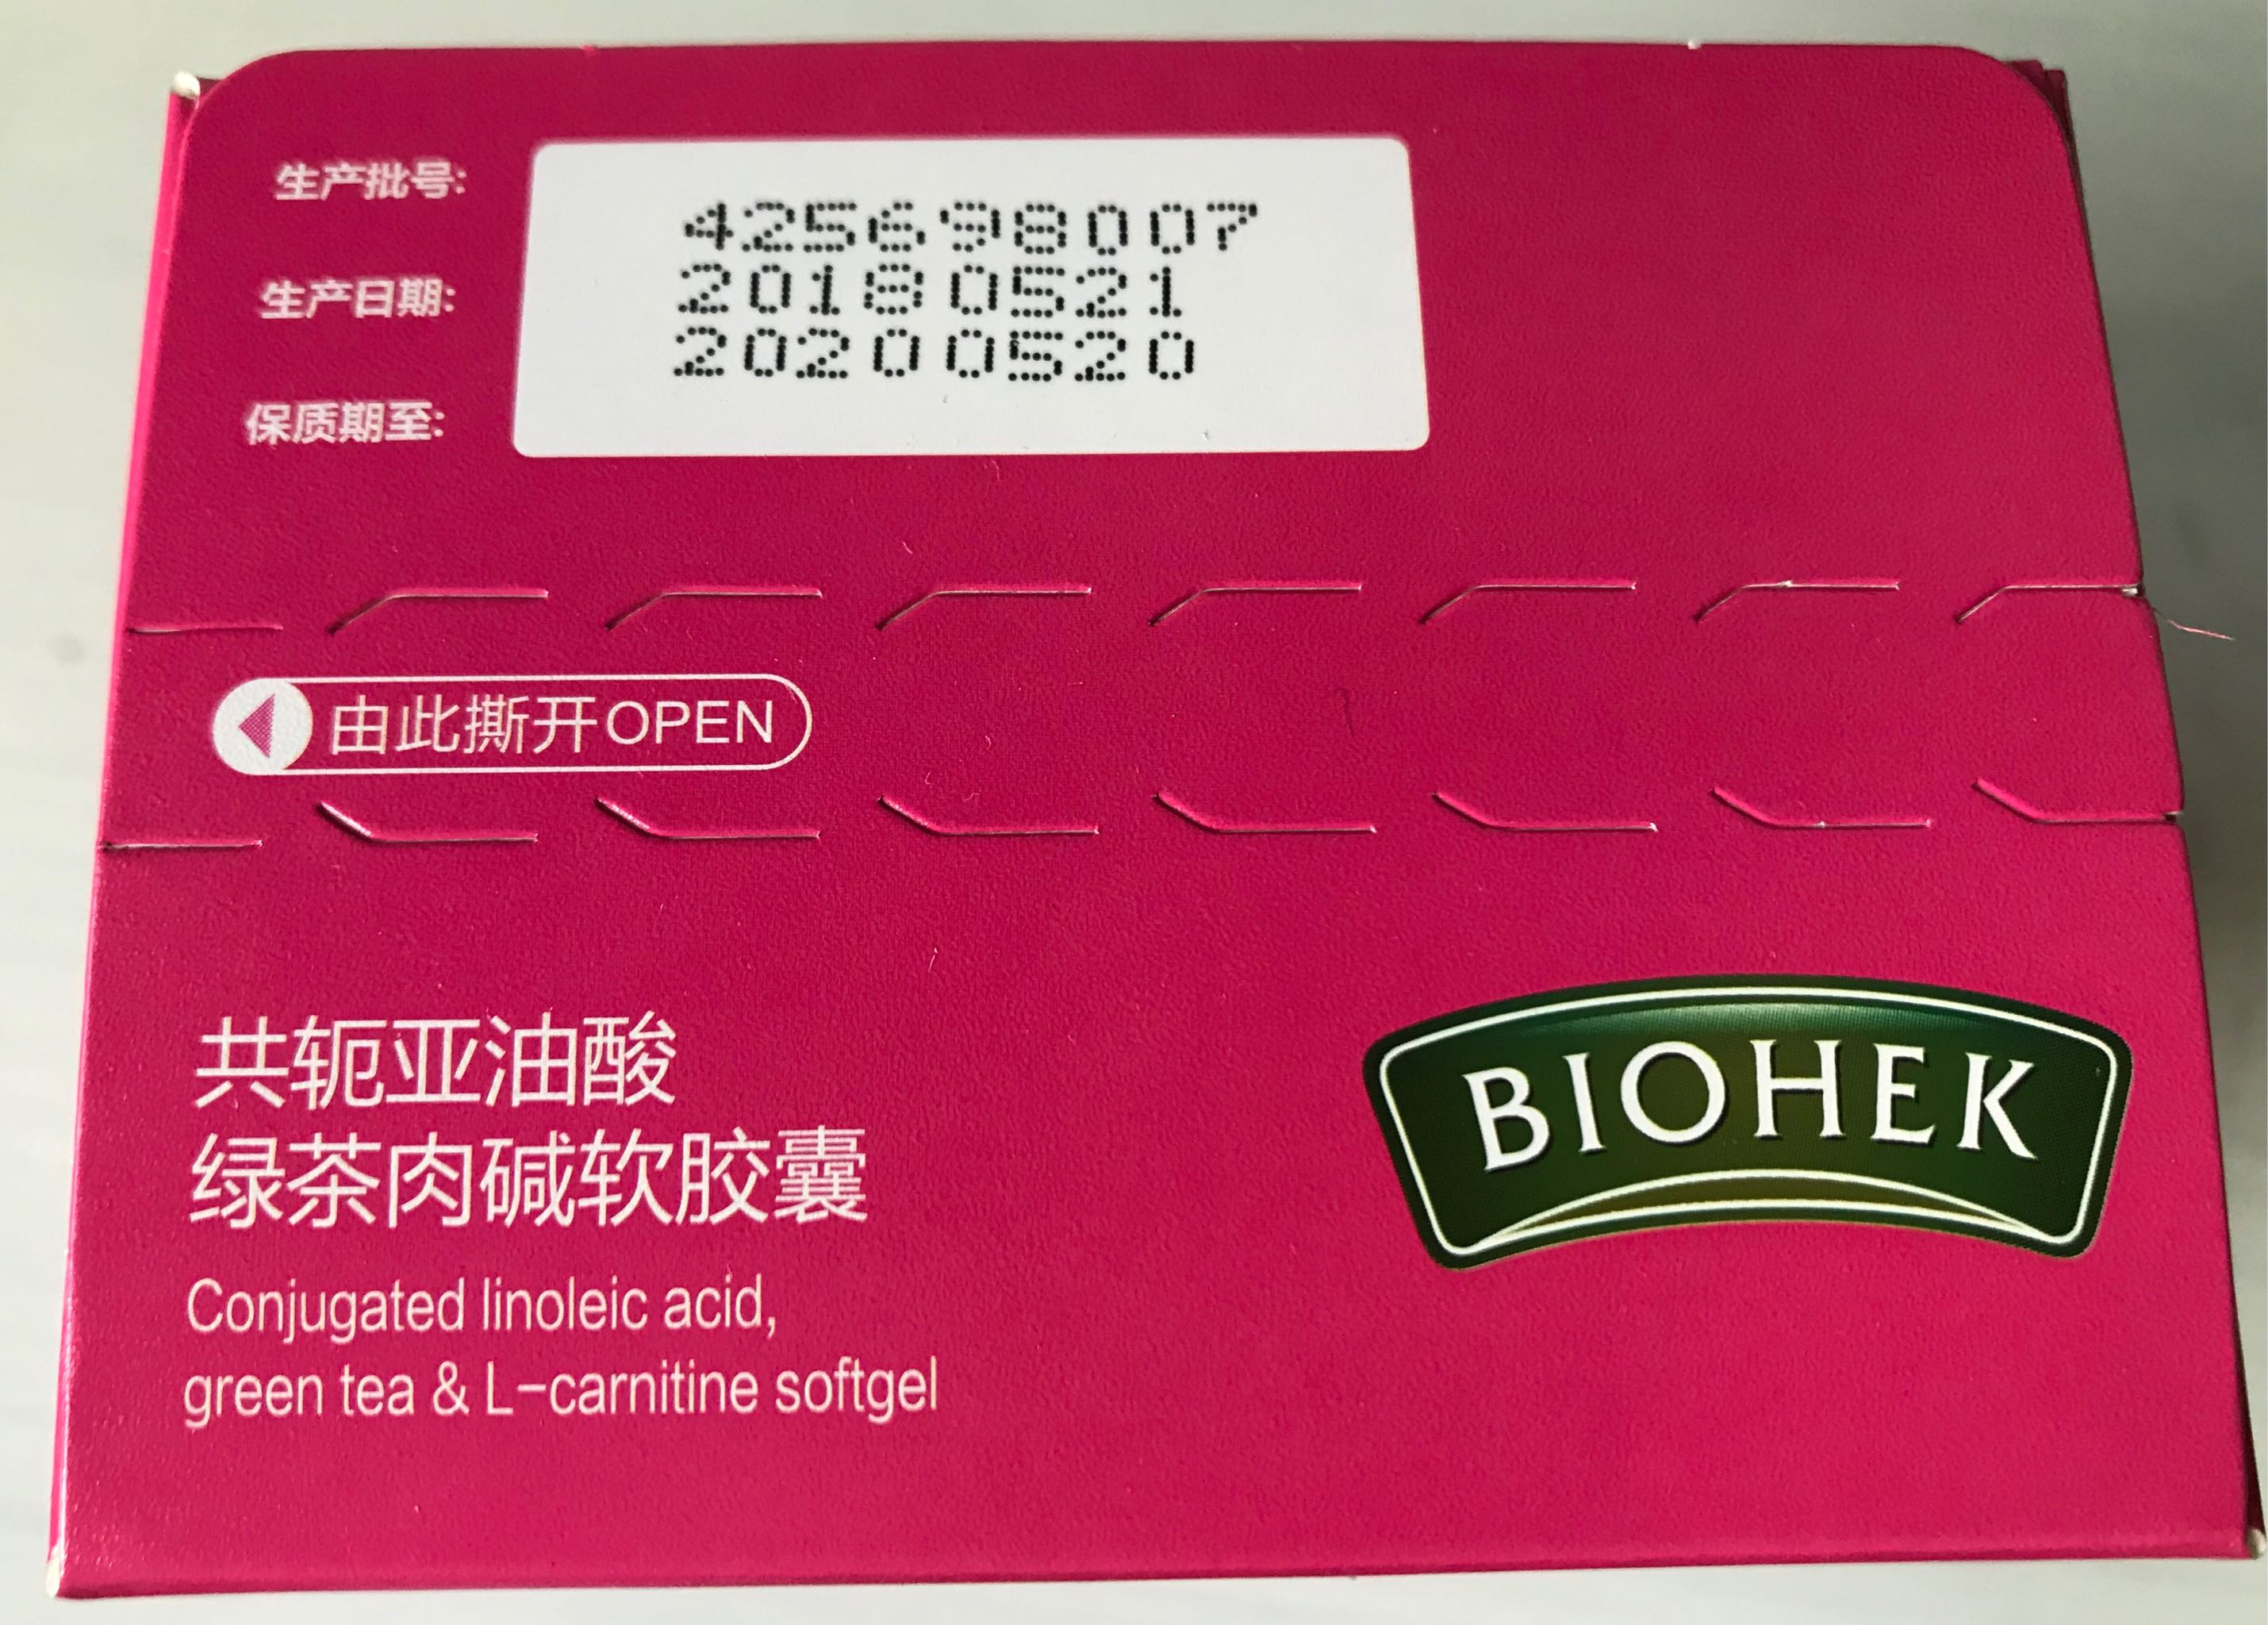 百合康牌共轭亚油酸绿茶肉碱减肥药试用报告